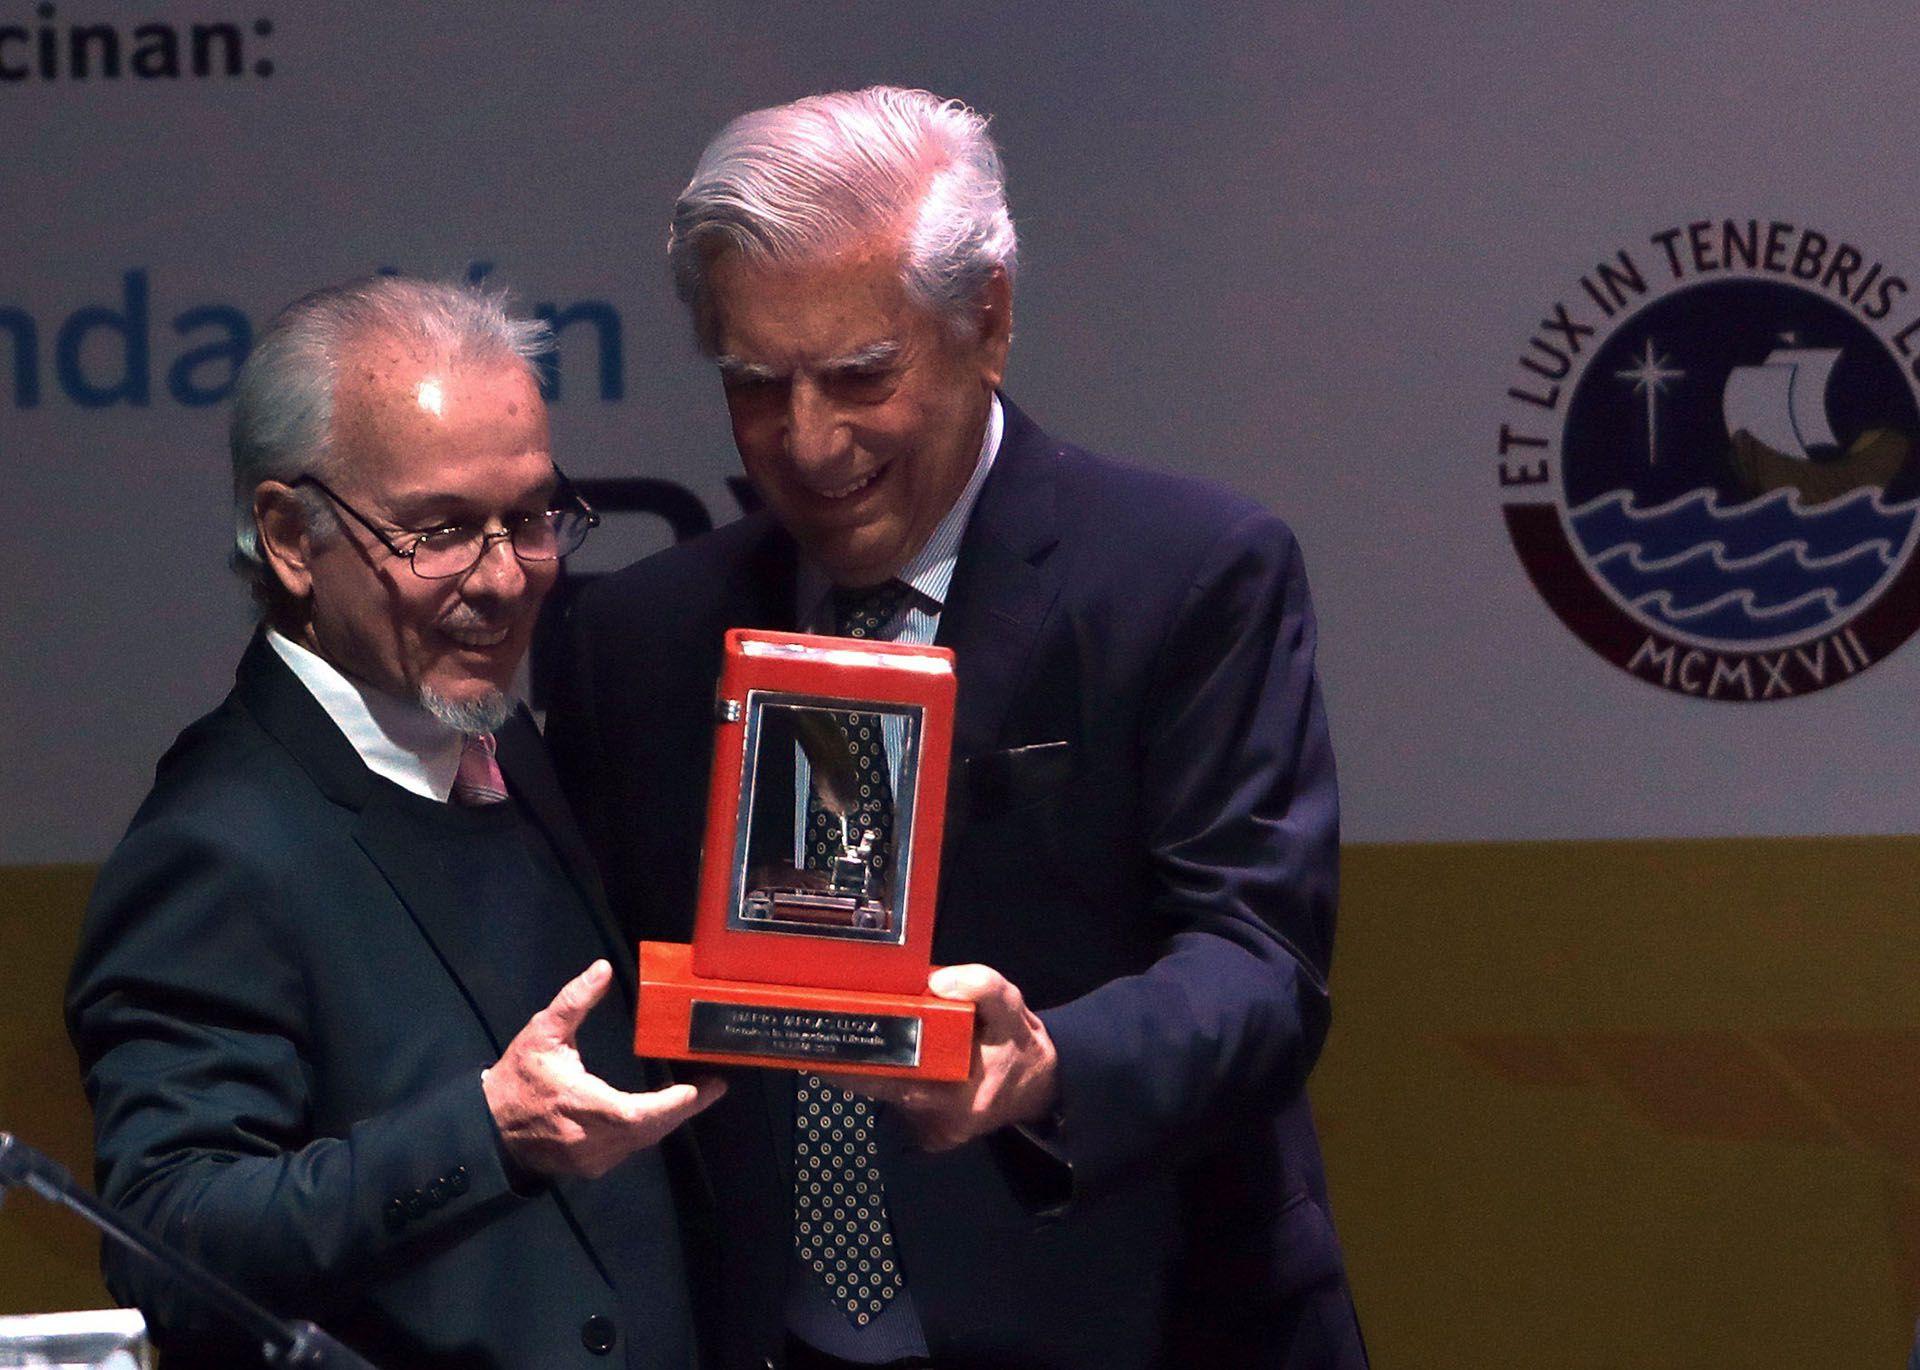 Mario Vargas Llosa recibe un premio de manos de José Carlos Alvariño, presidente de la Cámara Peruana del Libro(EFE/ Ernesto Arias)